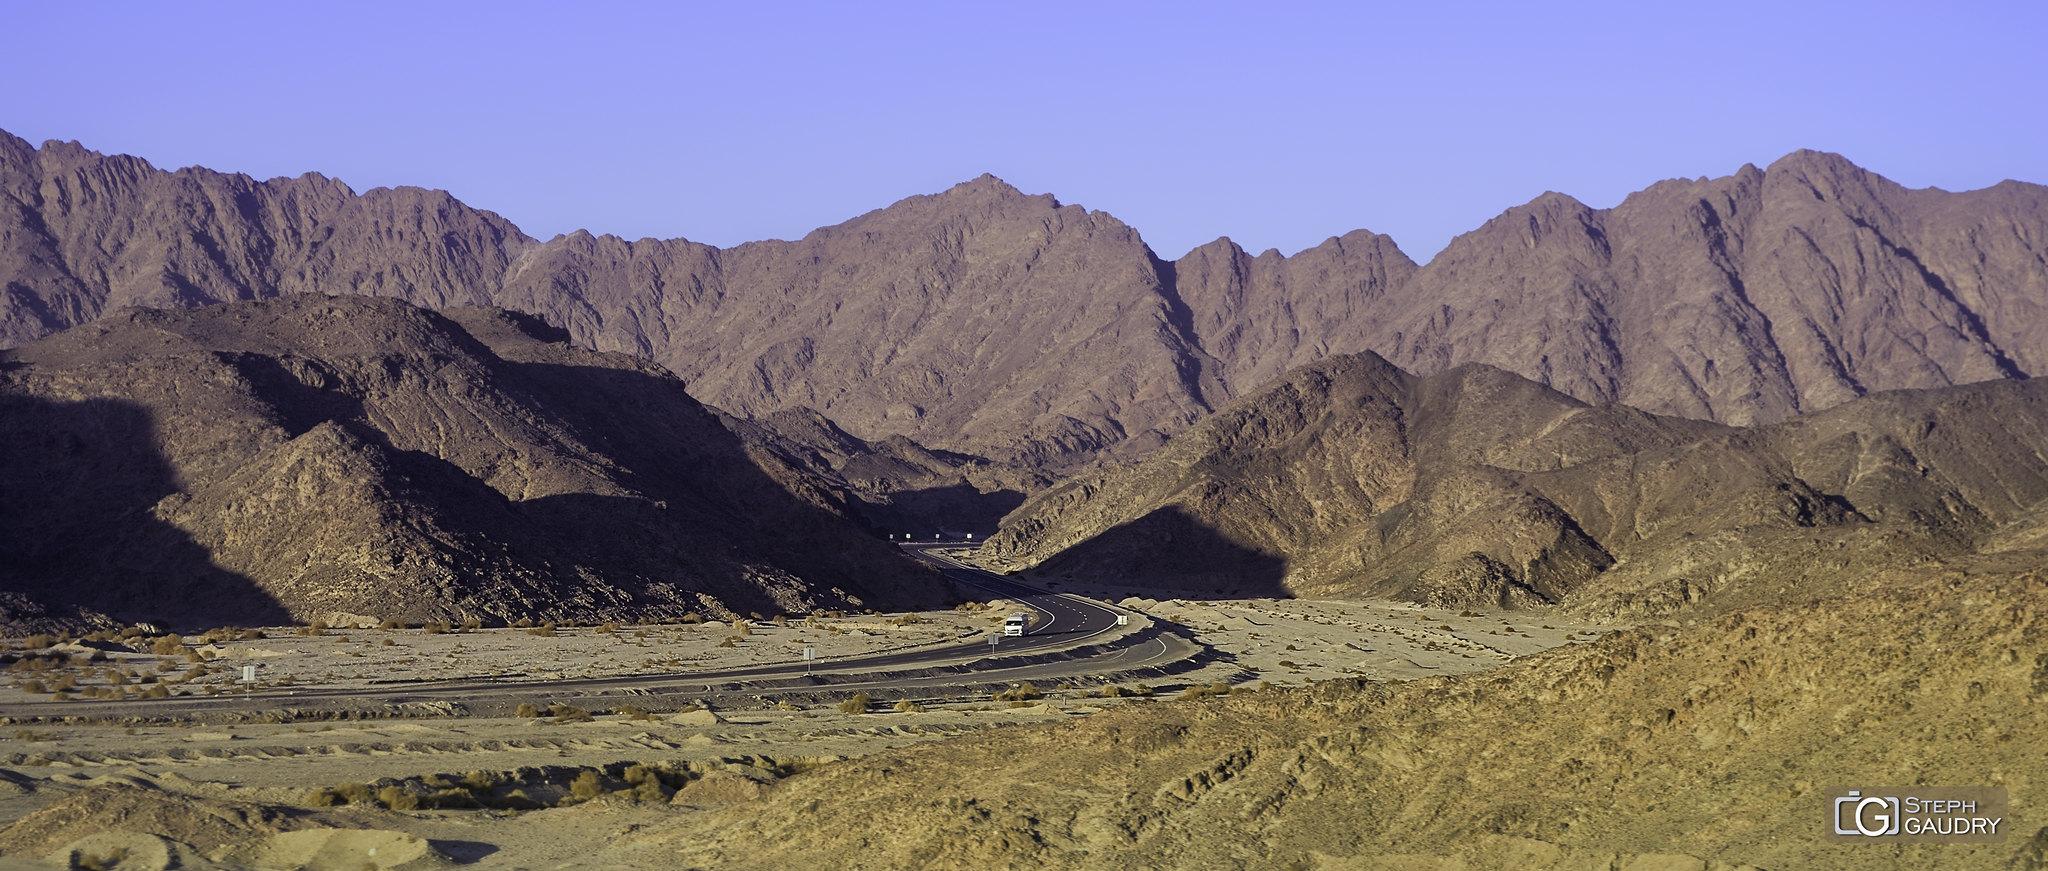 Montagnes d'Egypte - Qadd el-Barûd [Klicken Sie hier, um die Diashow zu starten]